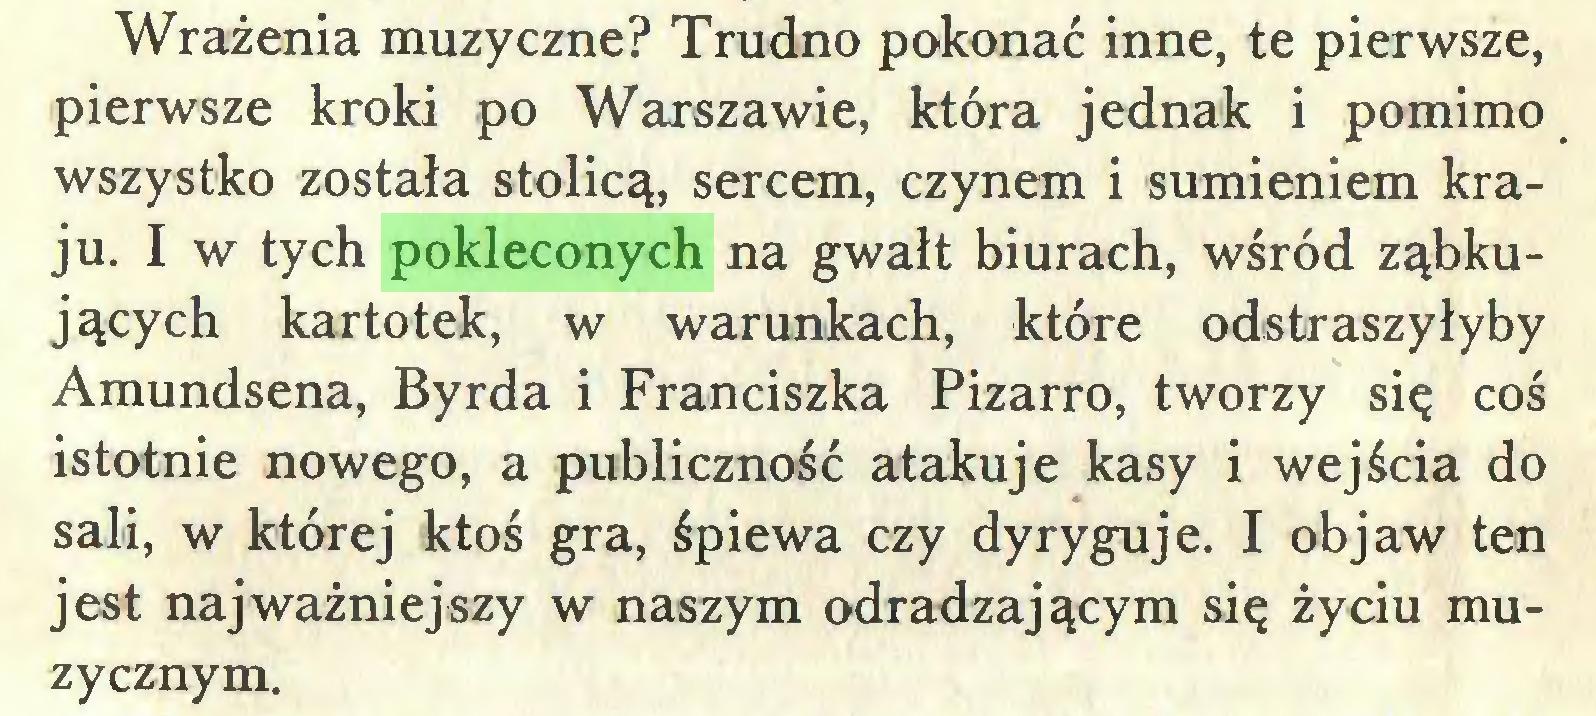 (...) Wrażenia muzyczne? Trudno pokonać inne, te pierwsze, pierwsze kroki po Warszawie, która jednak i pomimo wszystko została stolicą, sercem, czynem i sumieniem kraju. I w tych pokleconych na gwałt biurach, wśród ząbkujących kartotek, w warunkach, które odstraszyłyby Amundsena, Byrda i Franciszka Pizarro, tworzy się coś istotnie nowego, a publiczność atakuje kasy i wejścia do sali, w której ktoś gra, śpiewa czy dyryguje. I objaw ten jest najważniejszy w naszym odradzającym się życiu muzycznym...